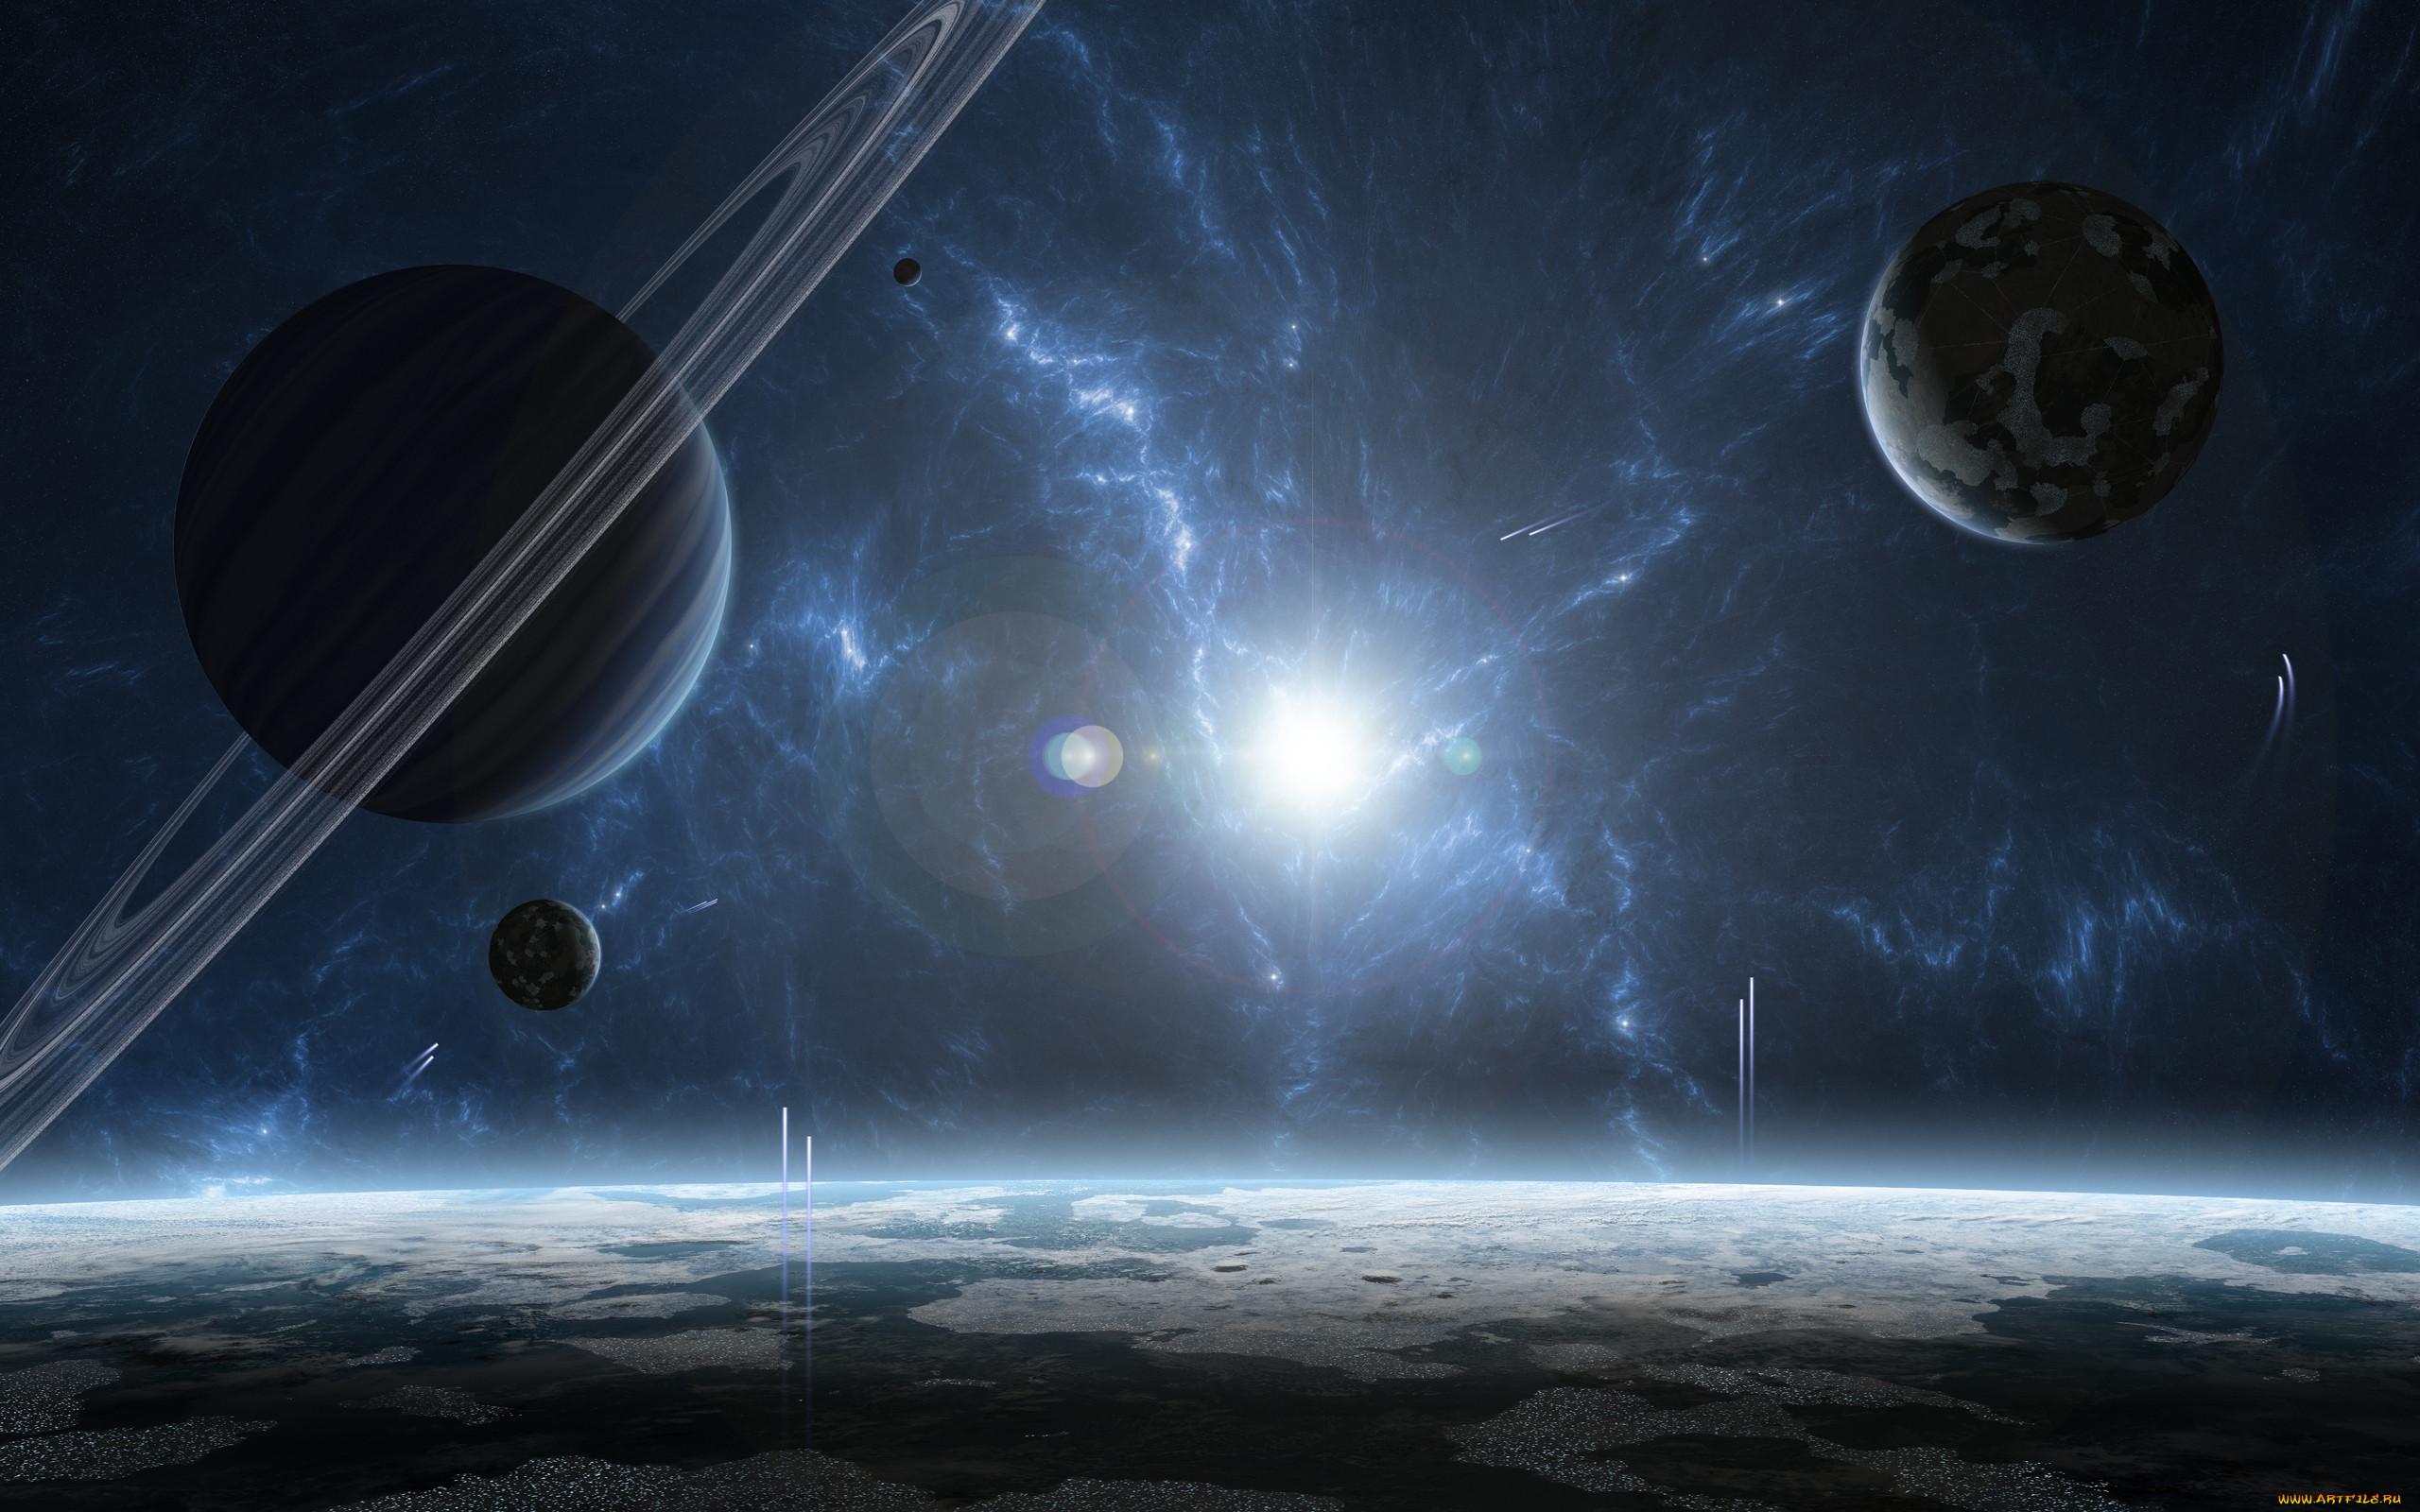 космос, арт, звезда, планеты, газовый, гигант, звездная, система